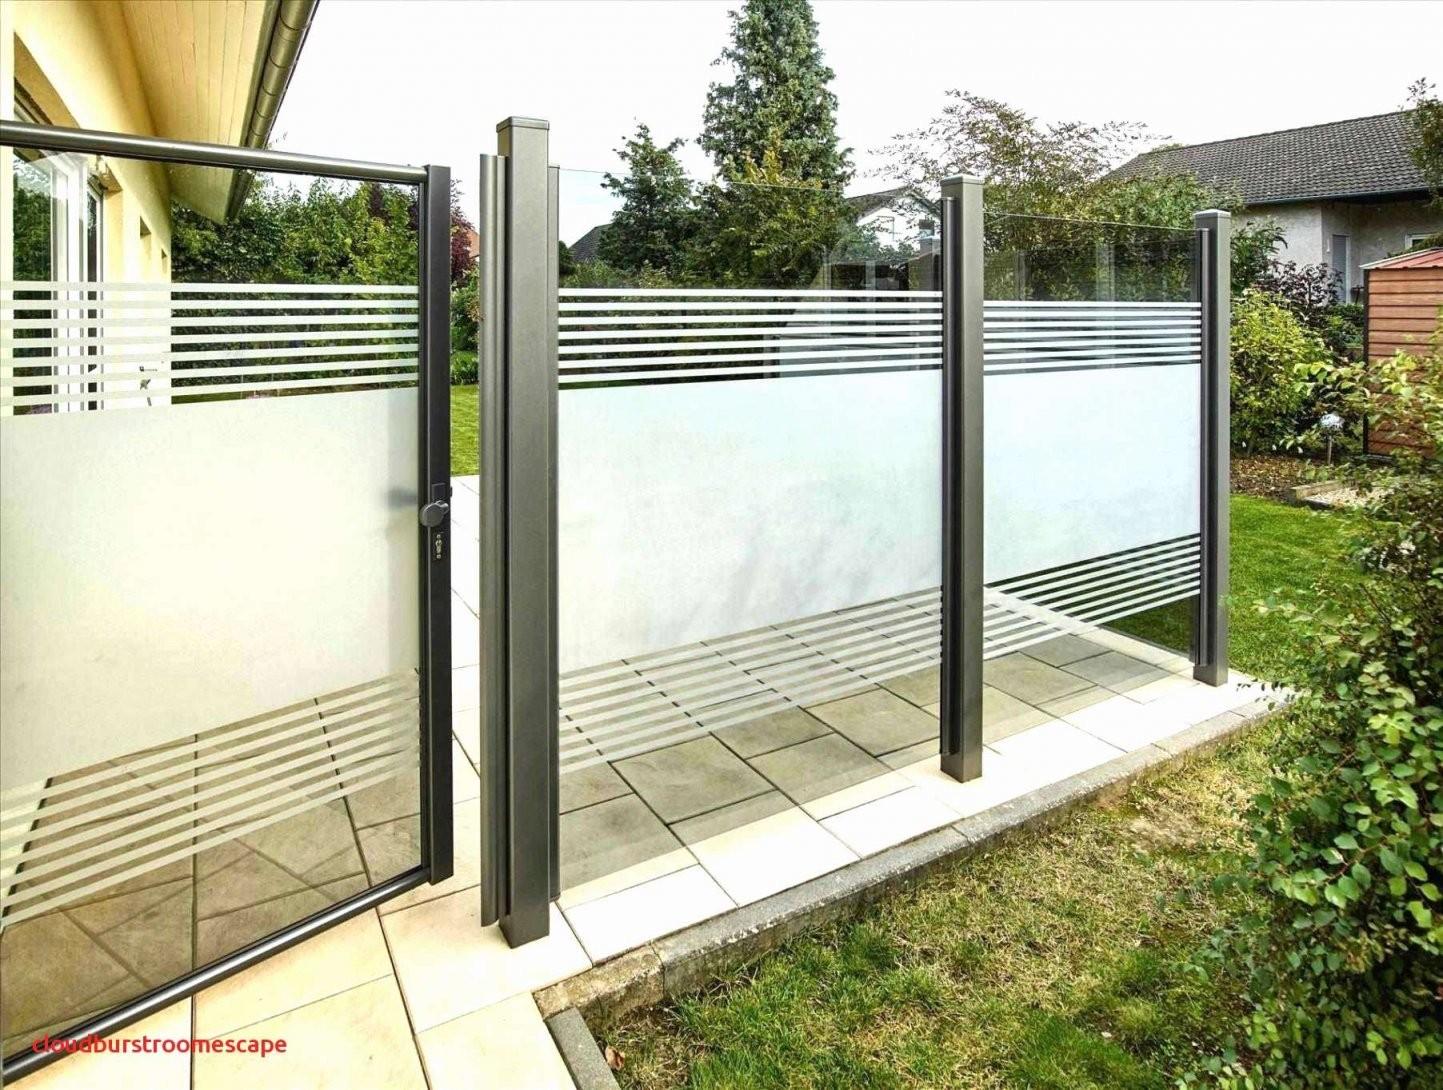 Balkon Sichtschutz Selber Machen Genial Das Brillant Plus Schema Von von Balkon Sichtschutz Selber Machen Photo